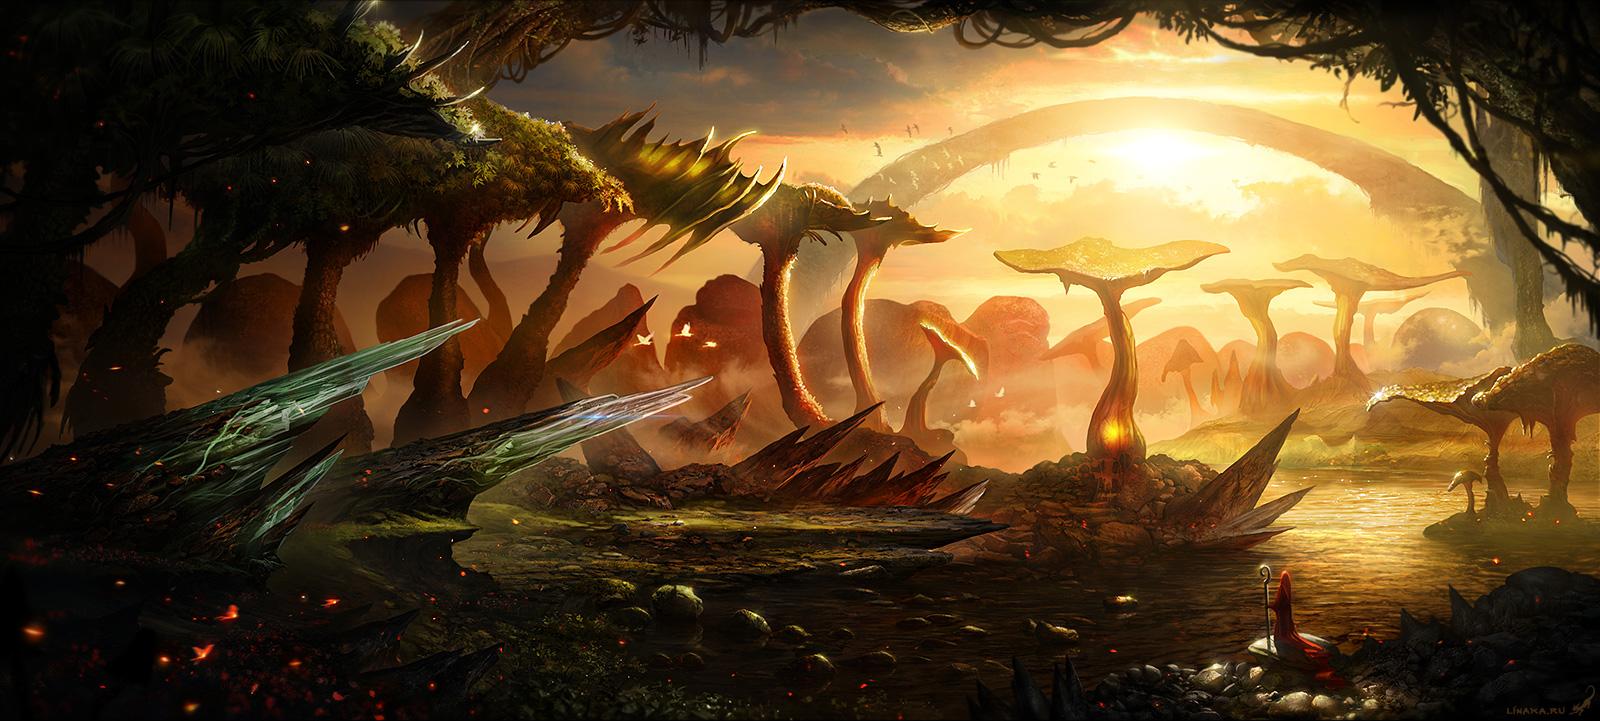 Mushroom swamp by Schur